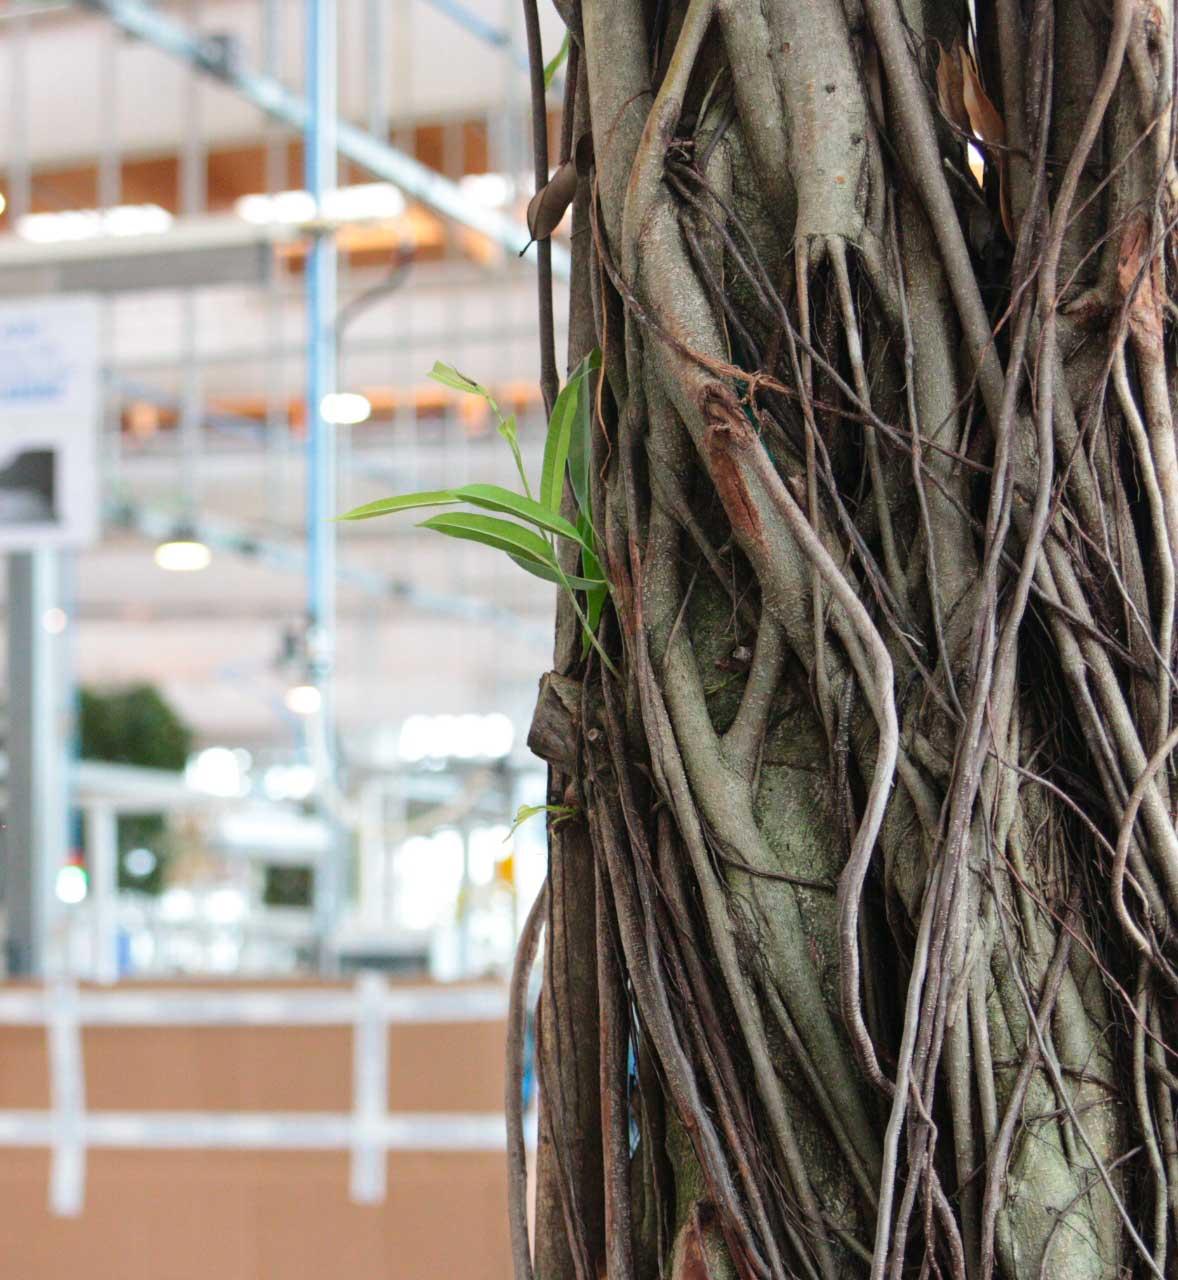 piante esemplari focus rami